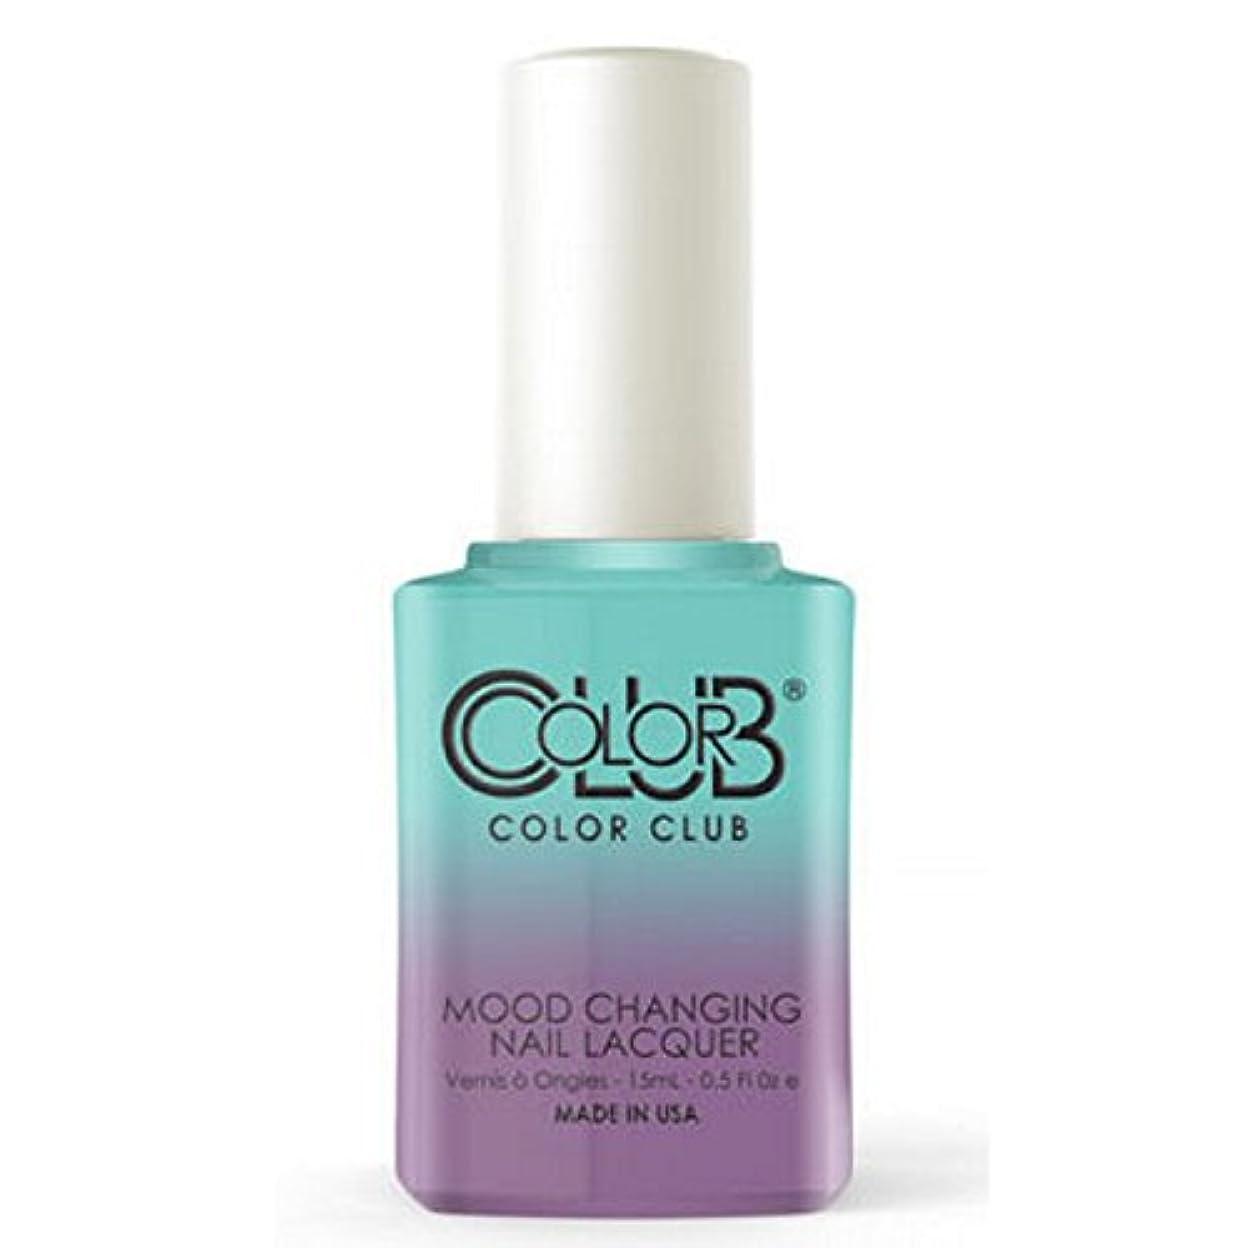 欠席端末手入れColor Club Mood Changing Nail Lacquer - Serene Green - 15 mL / 0.5 fl oz